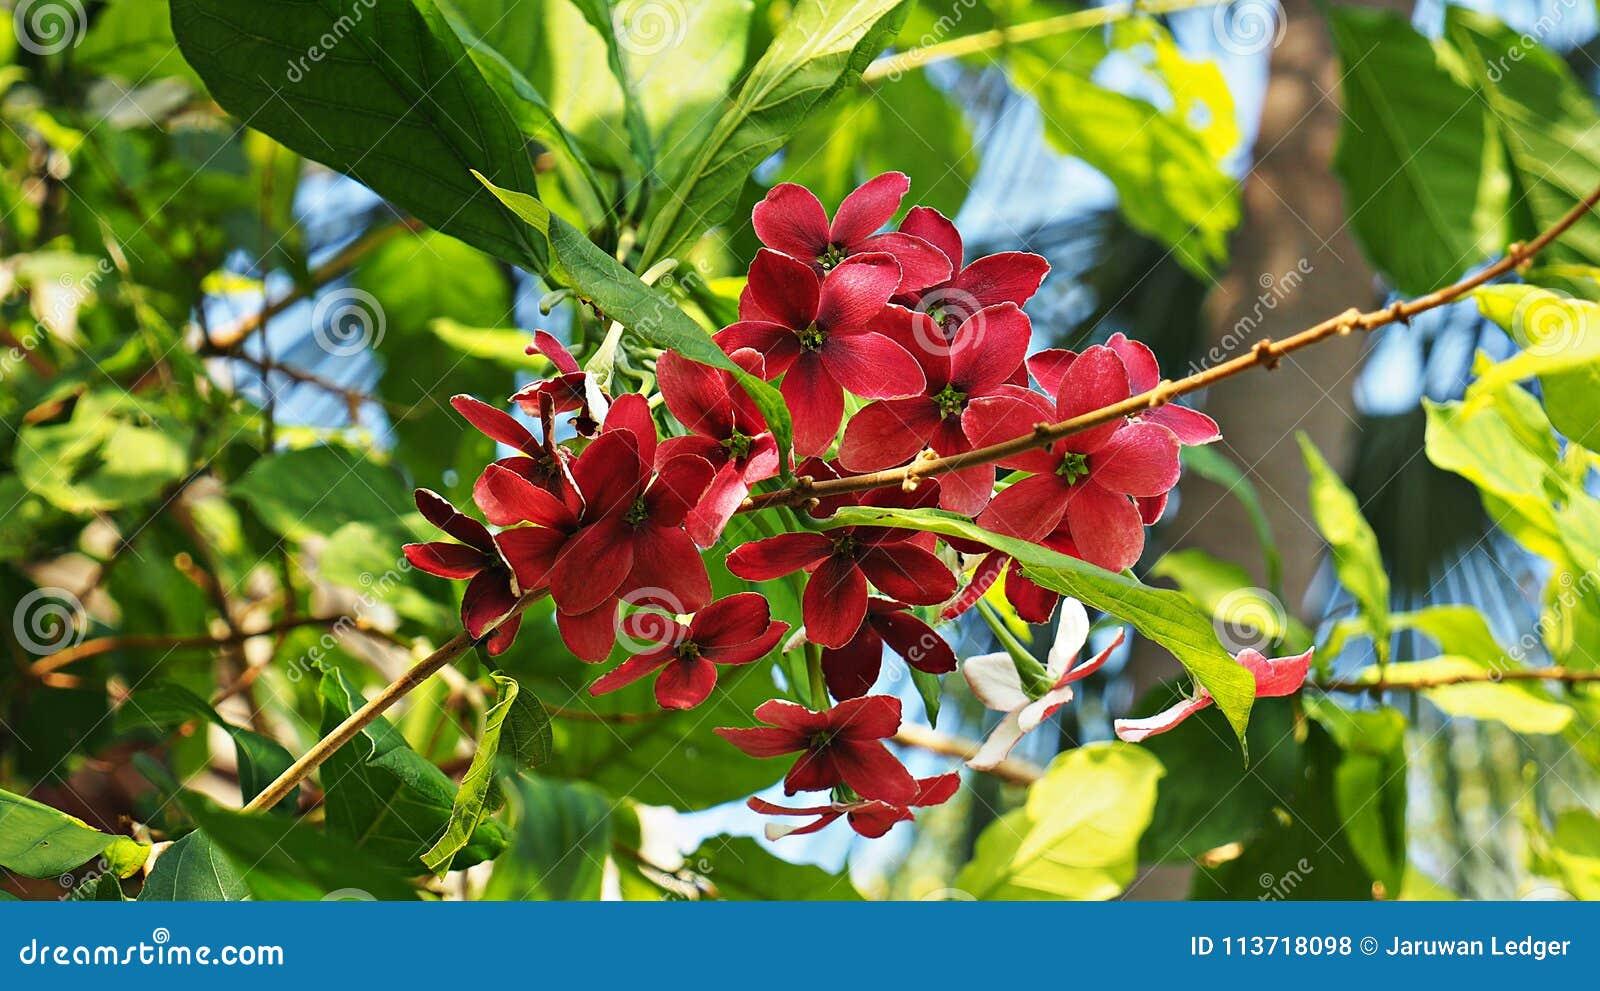 Beautiful tropical red flowers in garden stock photo image of download beautiful tropical red flowers in garden stock photo image of branches flowers izmirmasajfo